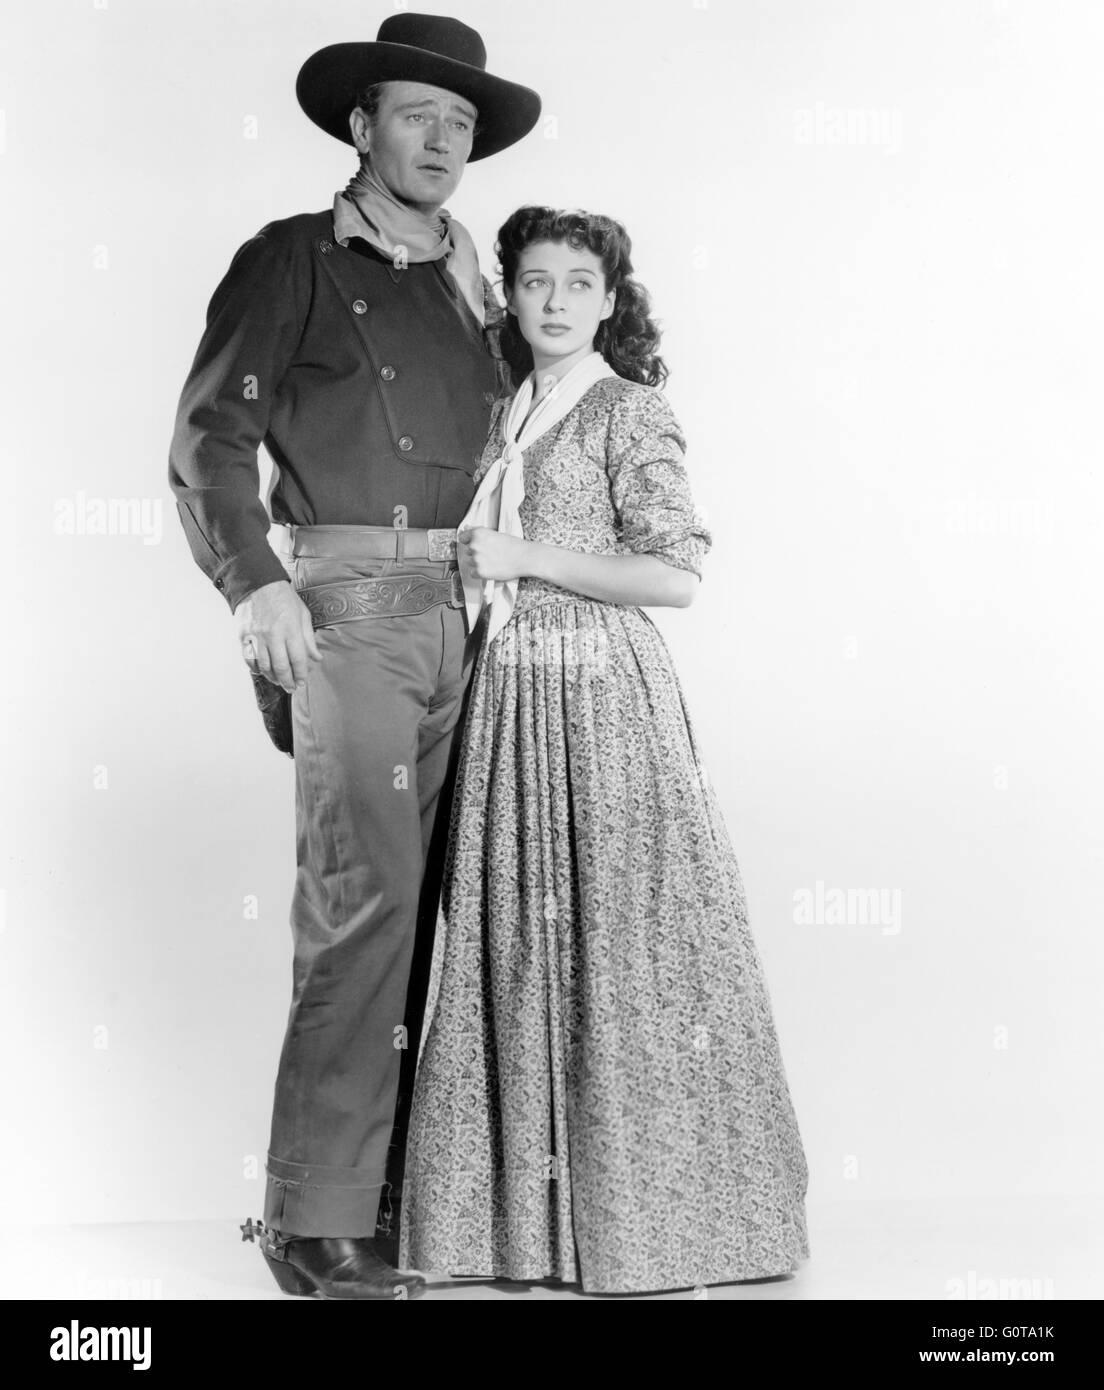 John Wayne et Gail Russell / Angel et le Badman / 1947 réalisé par James Edward Grant (Republic Pictures) Banque D'Images